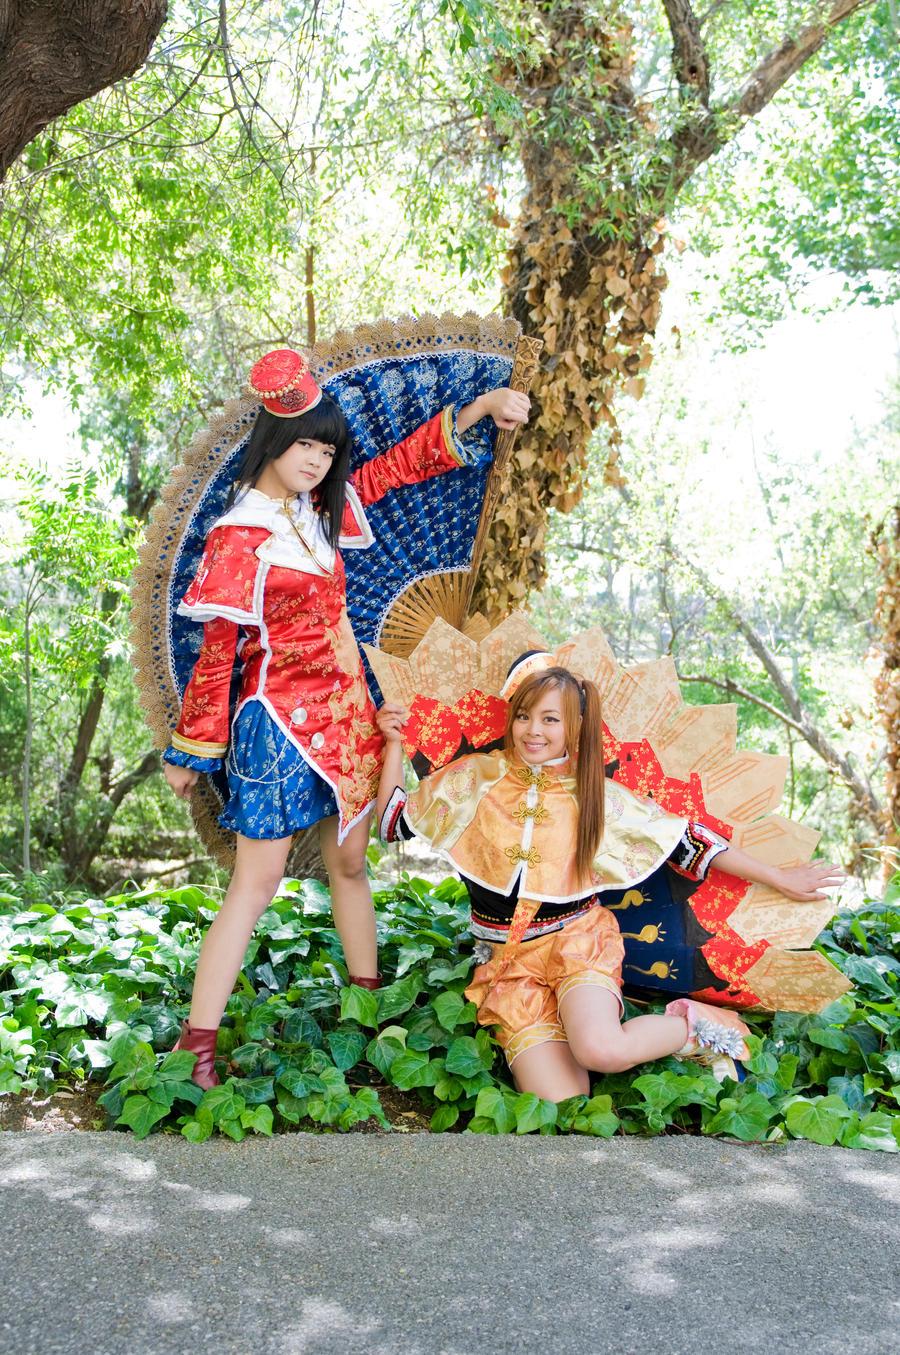 The Qiao Sisters by StrawberyNeko